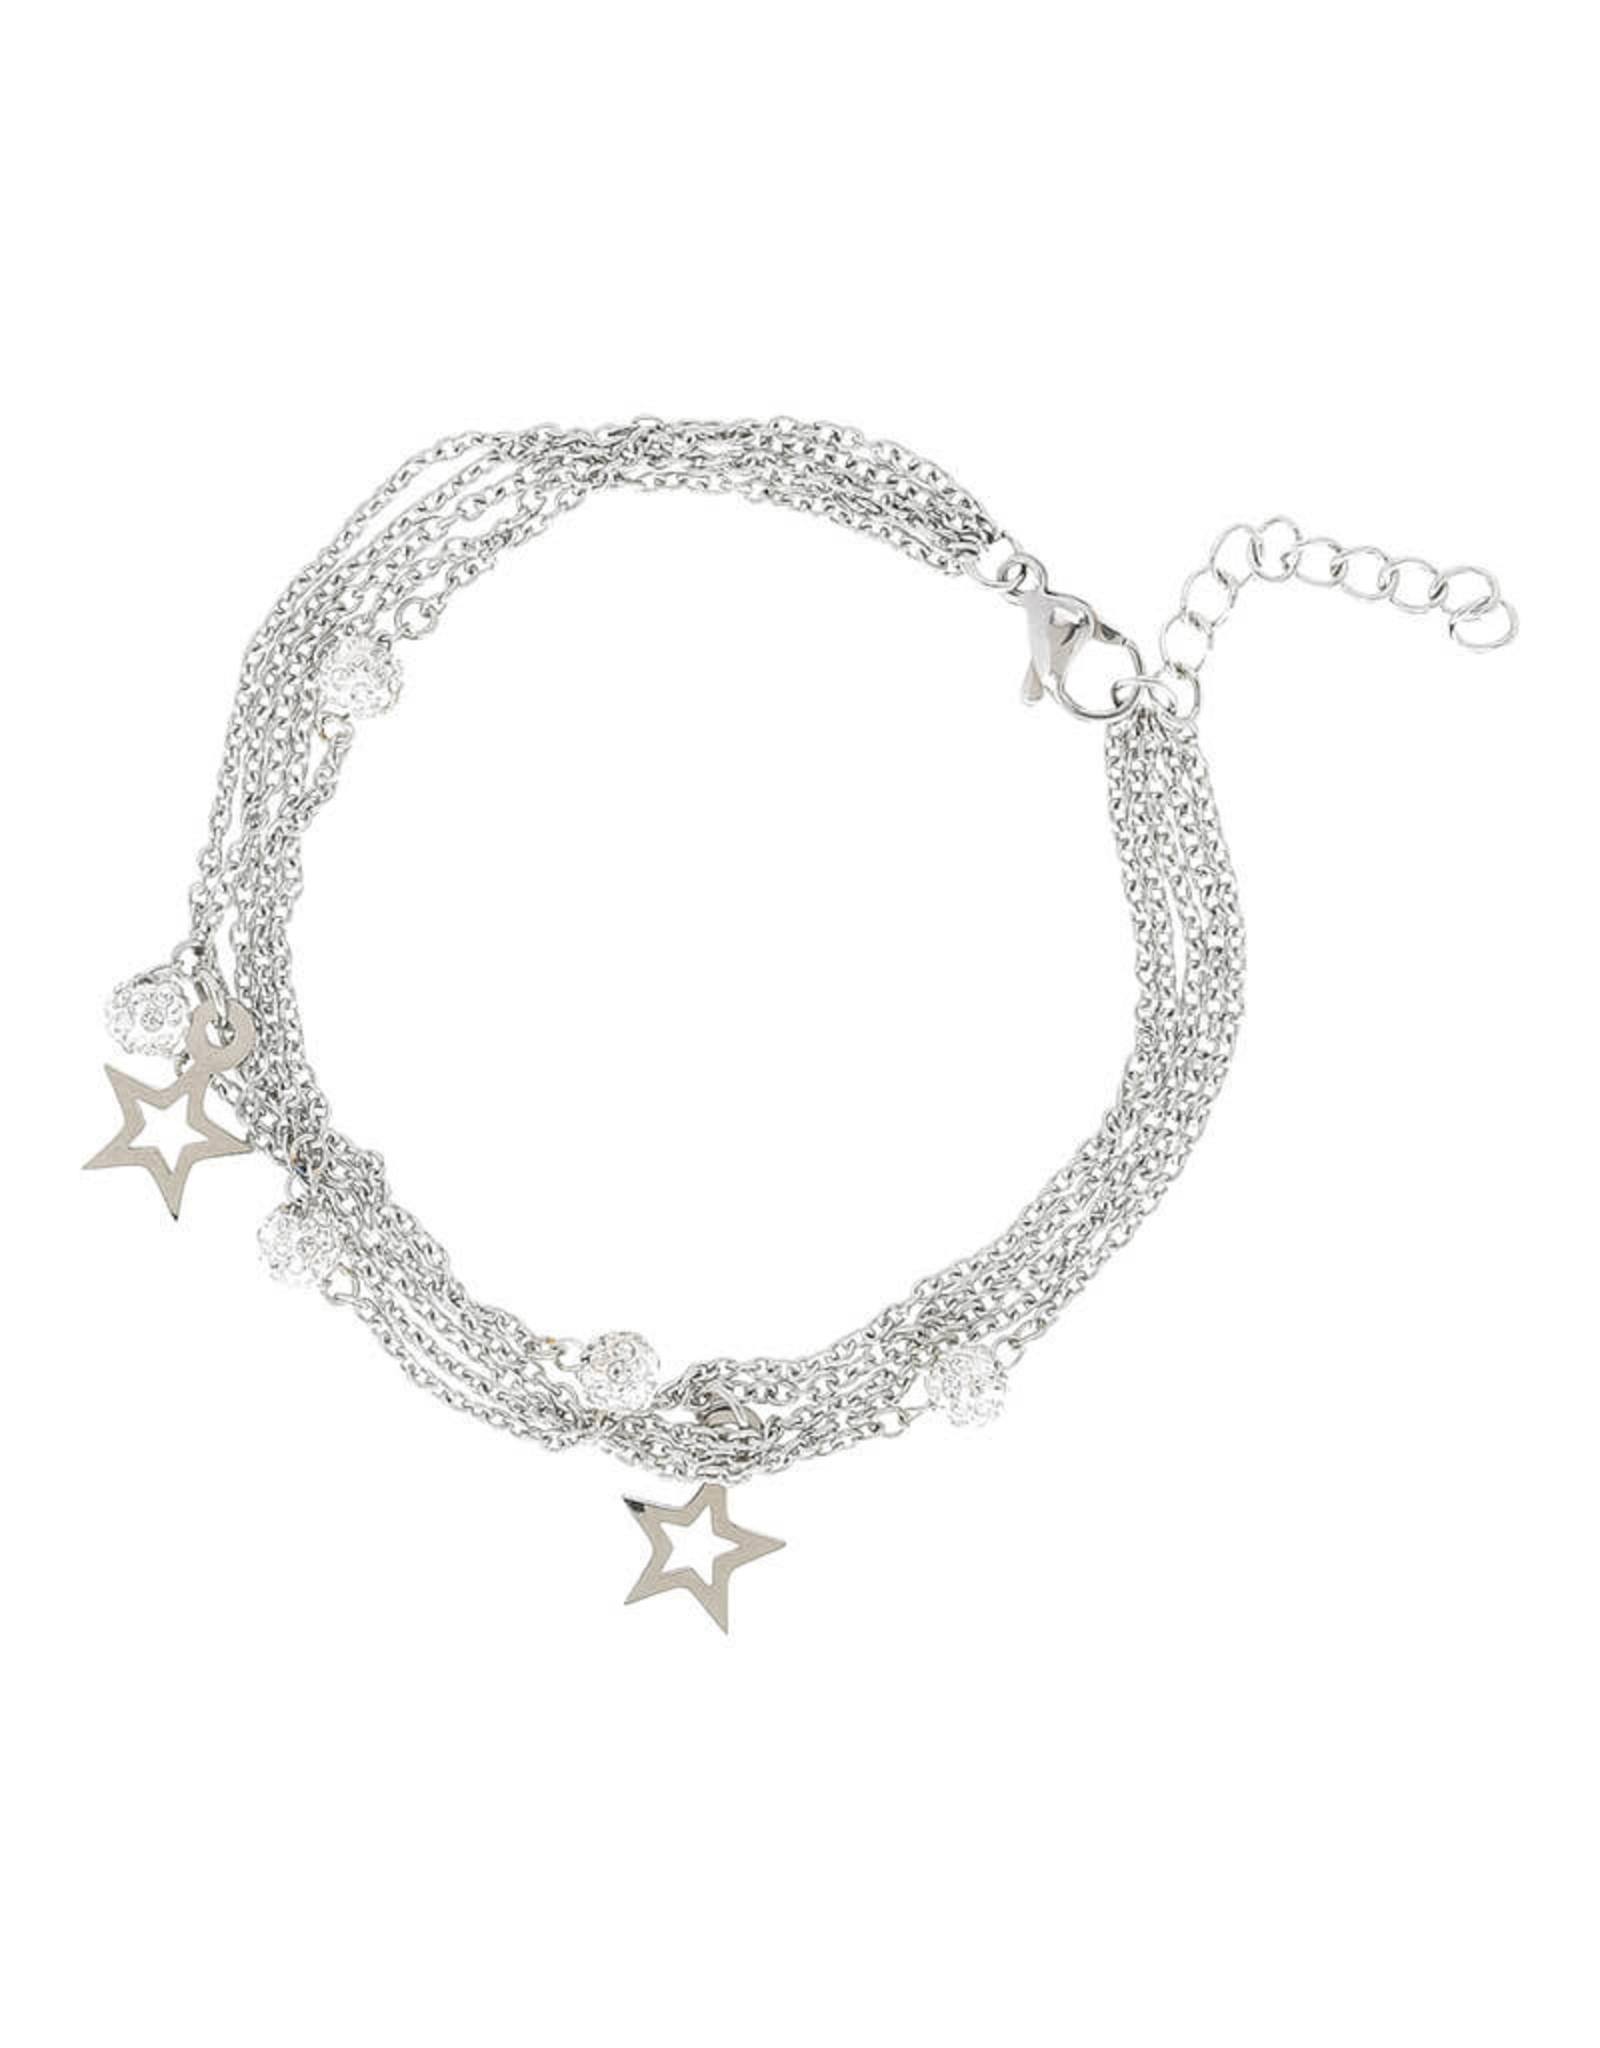 IXXXI IXXXI Bracelets Chain ball star Silver